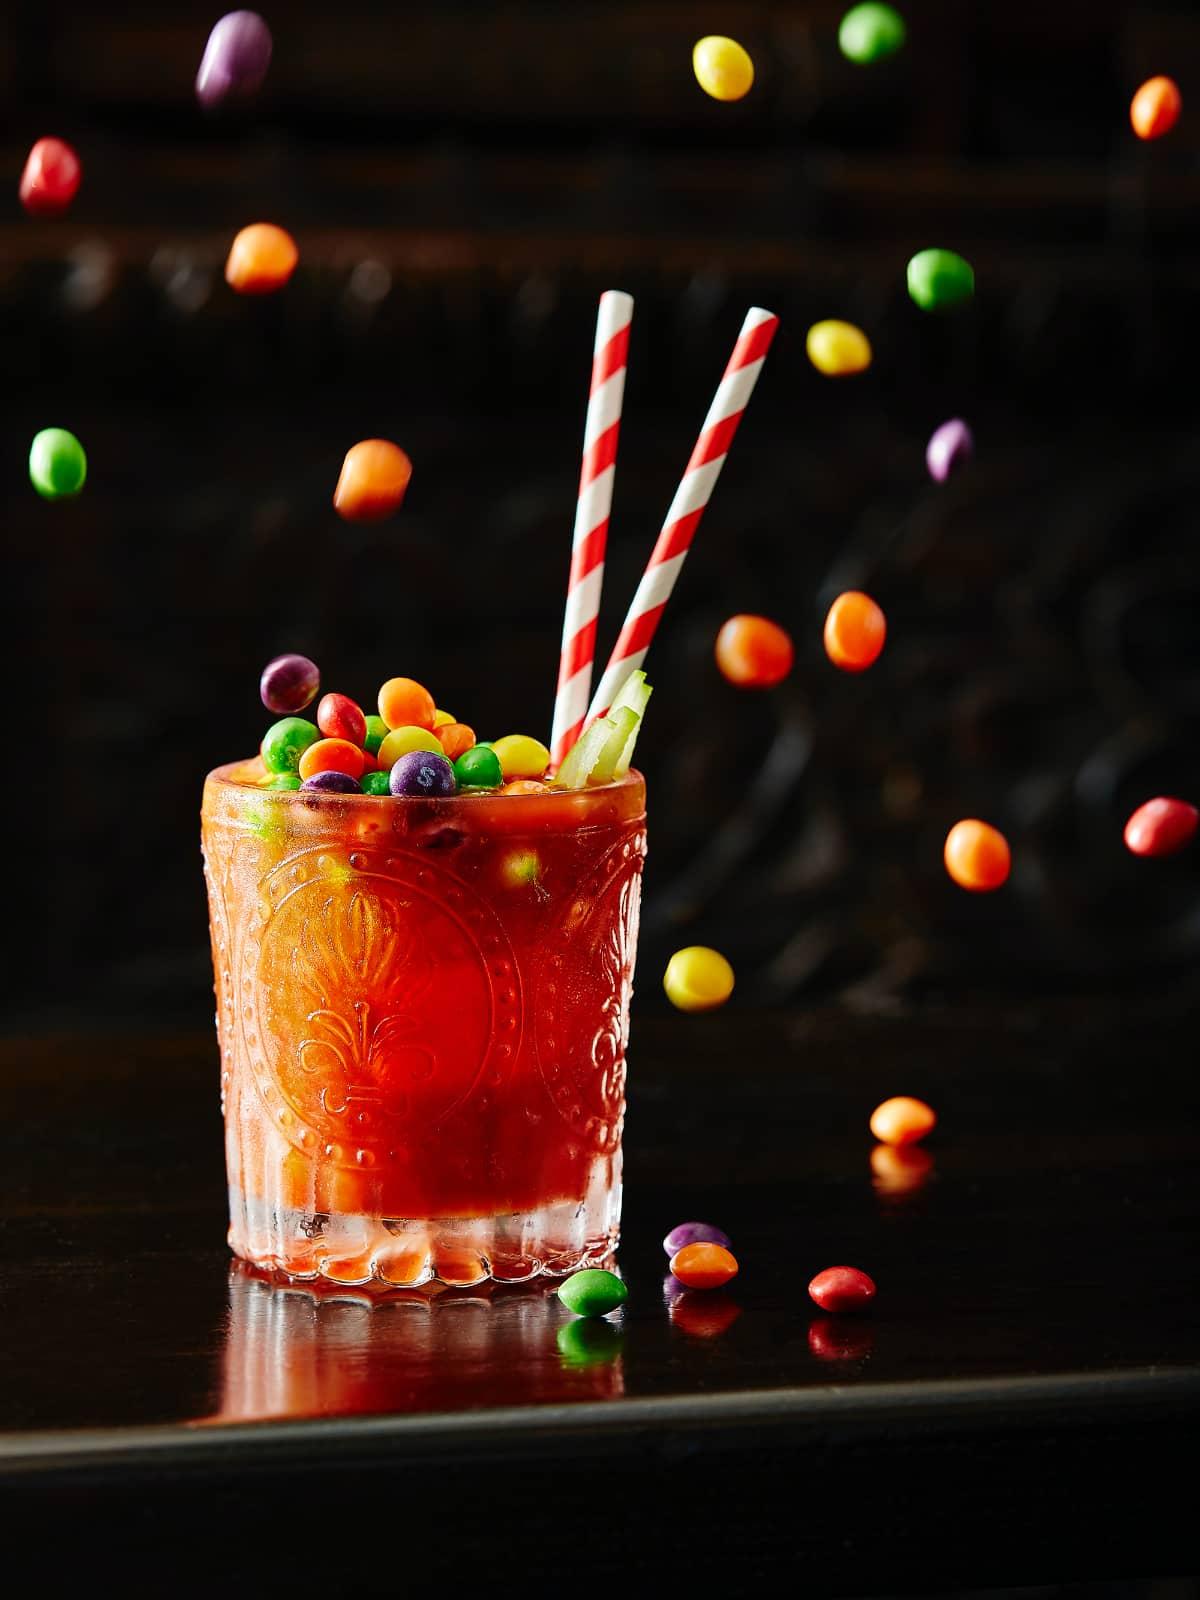 Drankje met springende snoepjes door Sid Ali, culinair fotograaf.